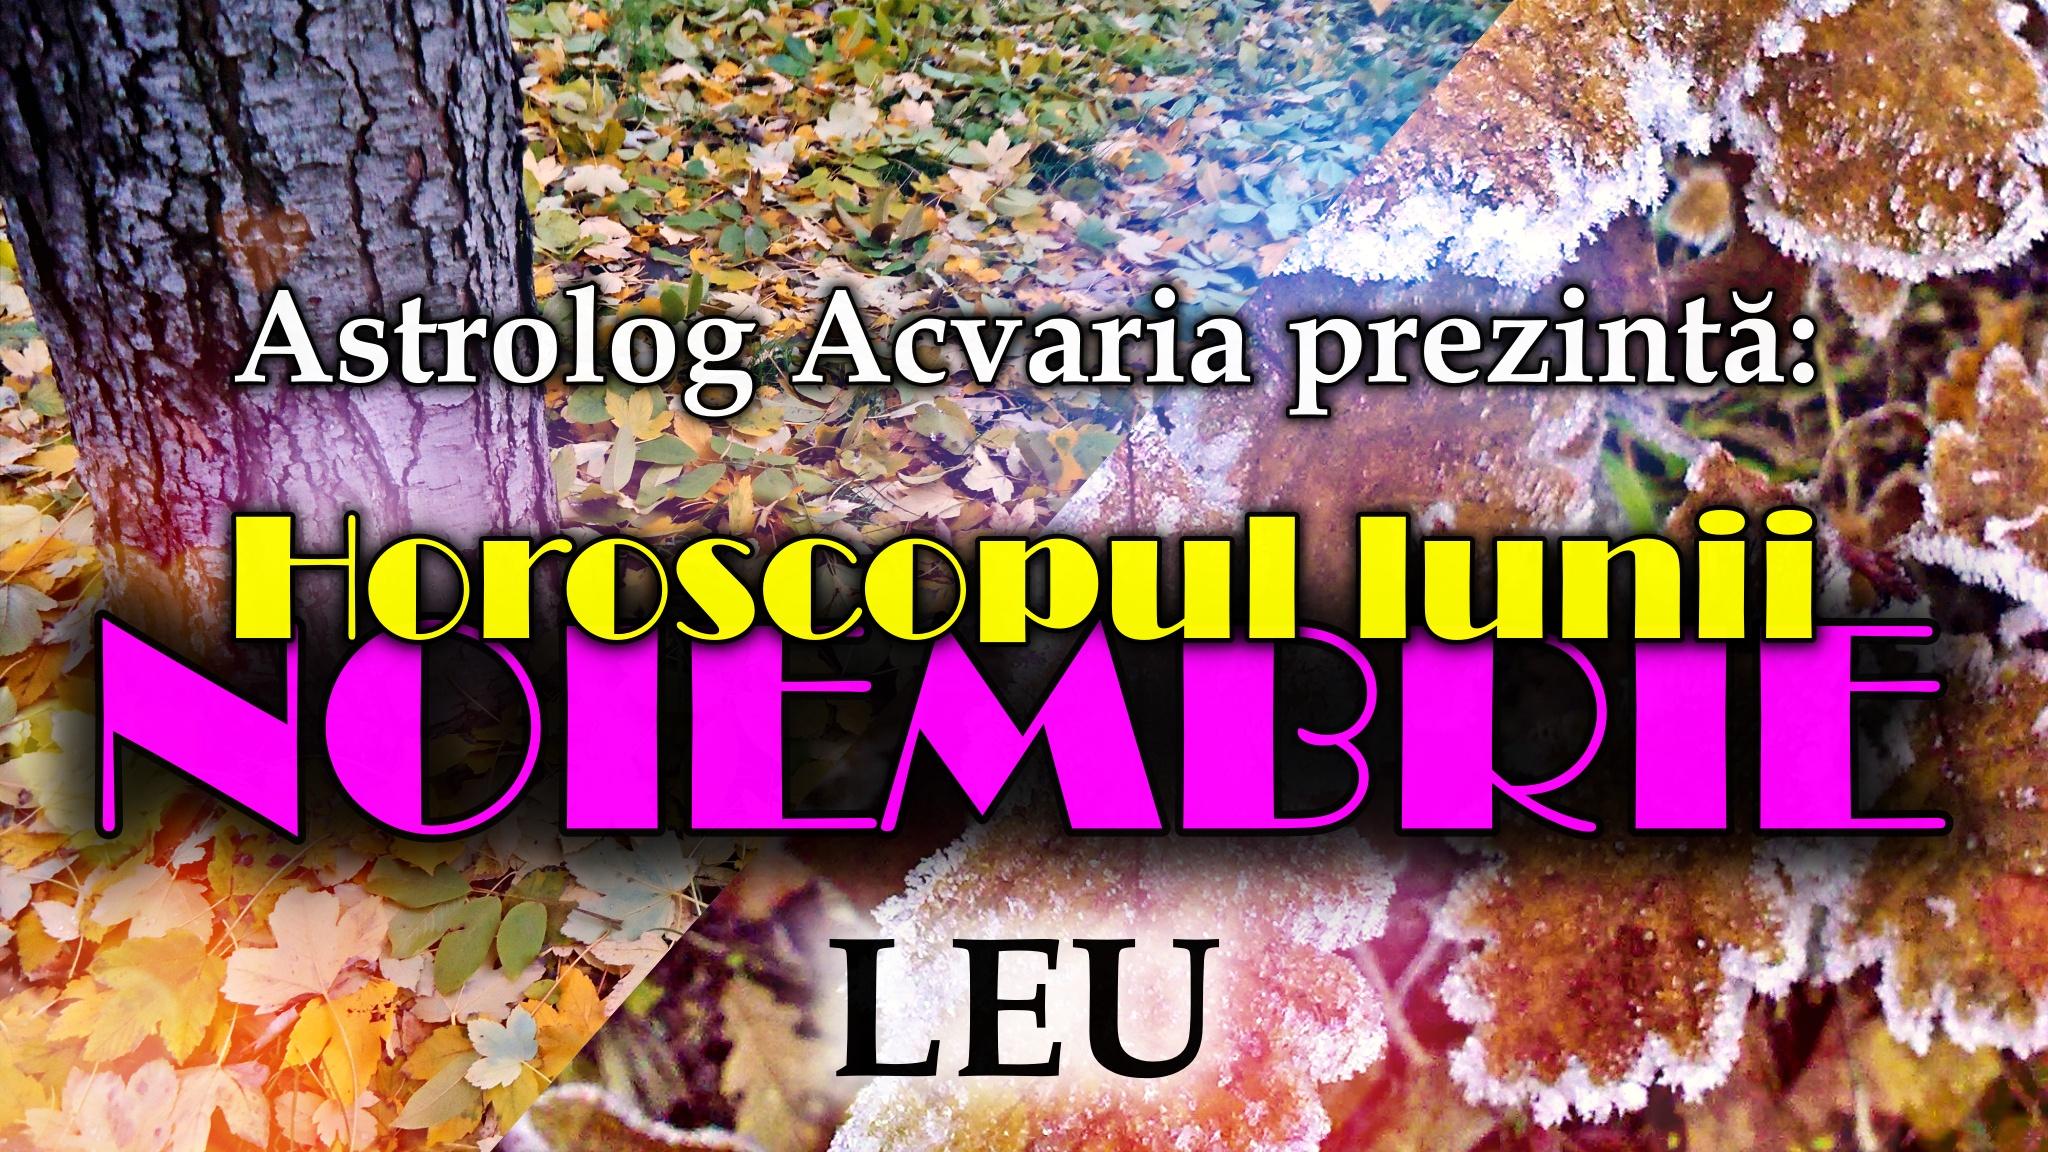 Horoscopul lunii NOIEMBRIE * Zodia LEULUI